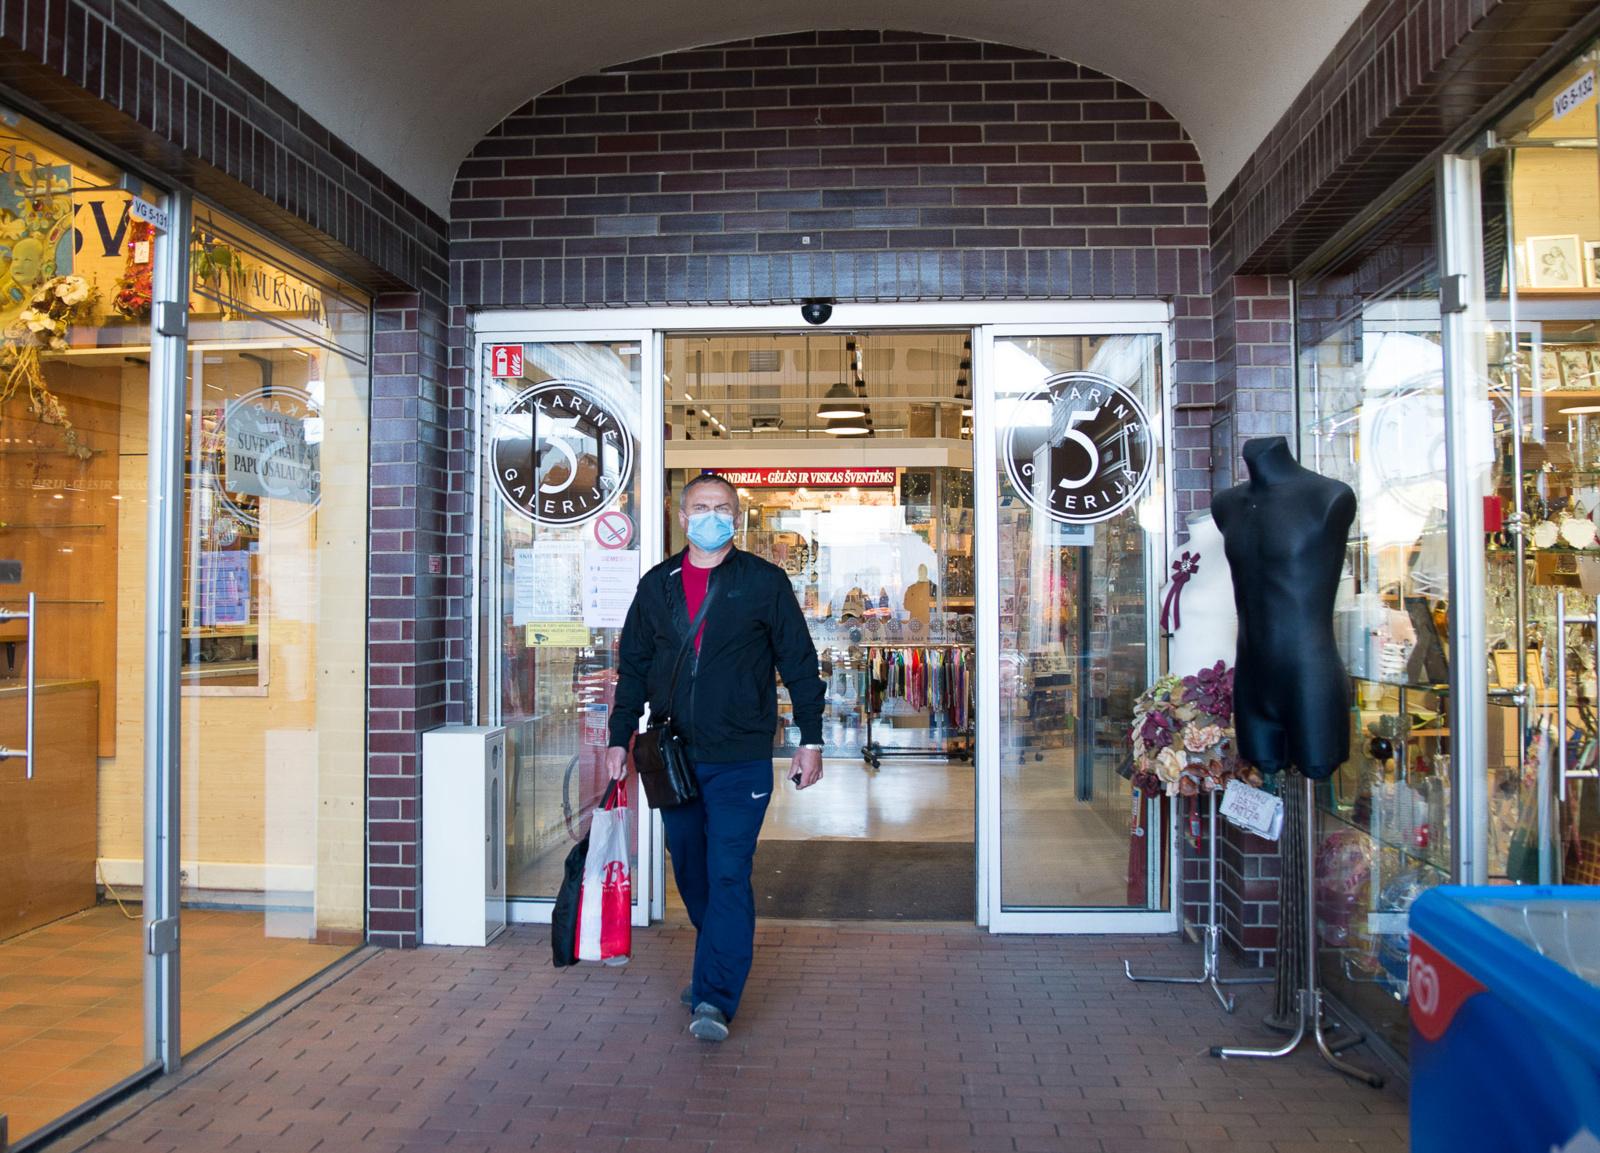 Lietuvos darbdavių konfederacija ragina Vyriausybę leisti atidaryti ne maisto parduotuves